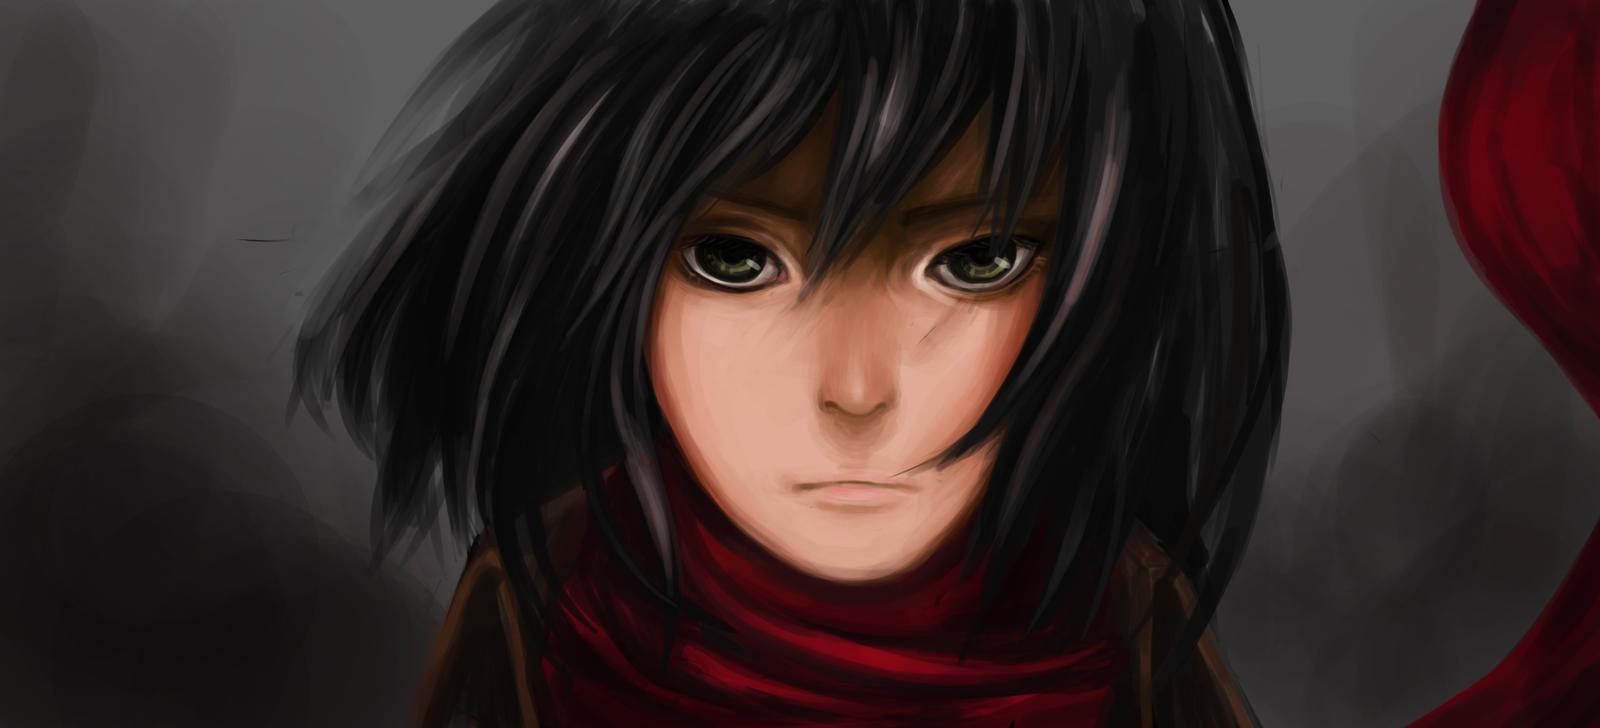 Mikasa Ackerman by kahmurio